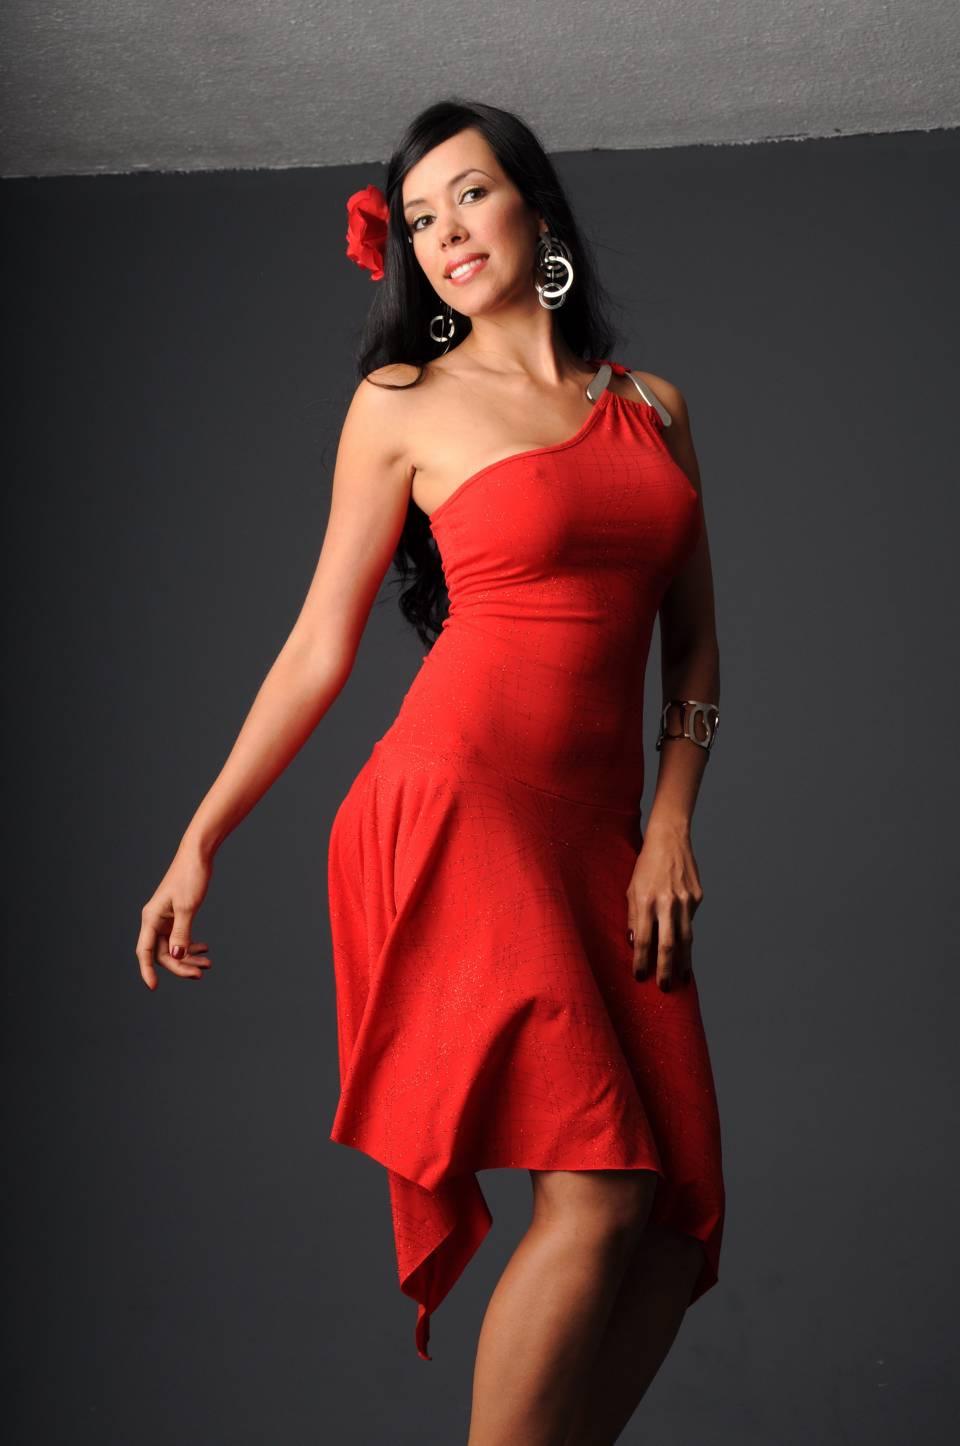 Maria Alejandra Ttl Photoset 20 | apexwallpapers.com